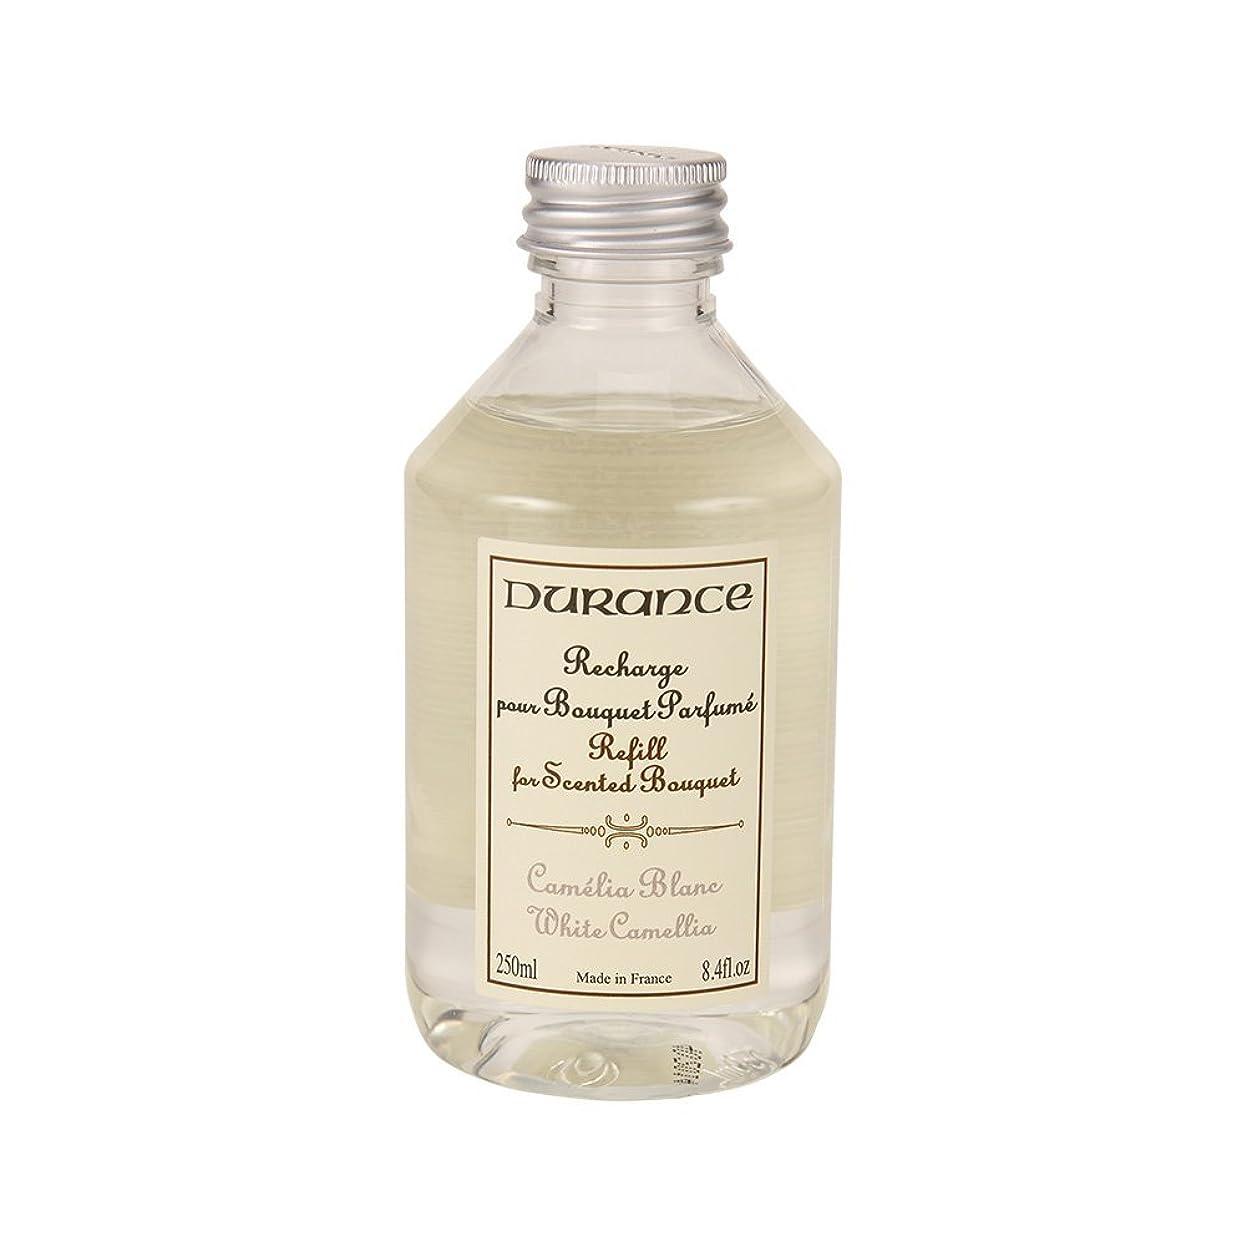 滞在飾る表示Durance [ デュランス ] Refill for scented bouquet リフィルオイルWhite Camellia ホワイト カメリア 45513 アロマオイル 防ダニ フレグランス ブーケ [並行輸入品]